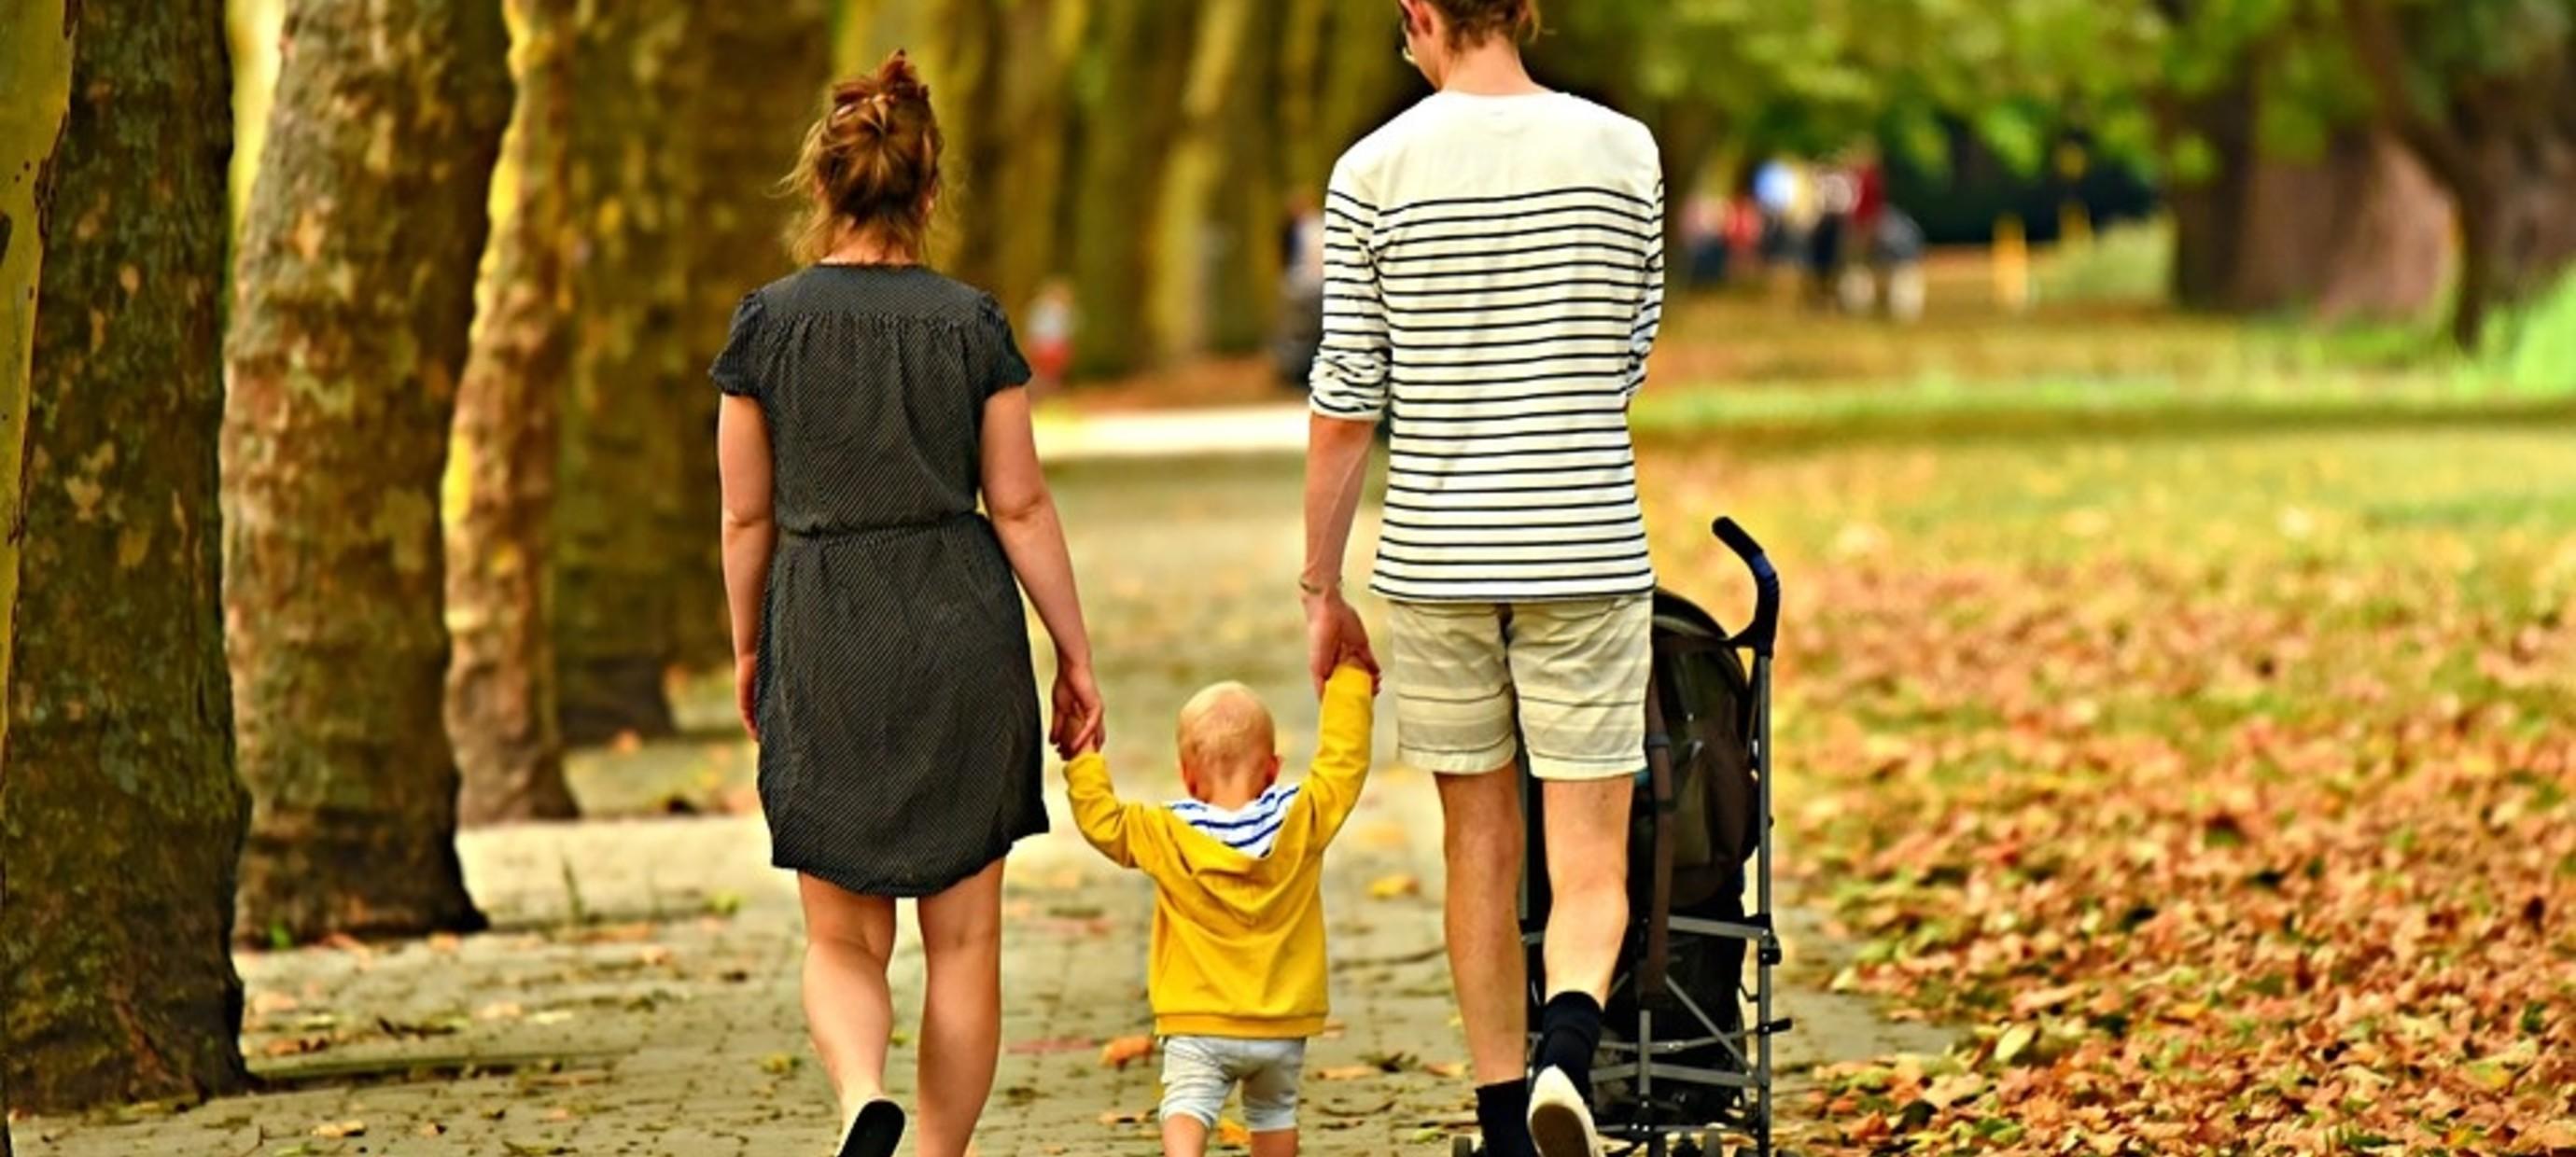 Co-ouderschap: wat hebben kinderen bij beide ouders nodig?